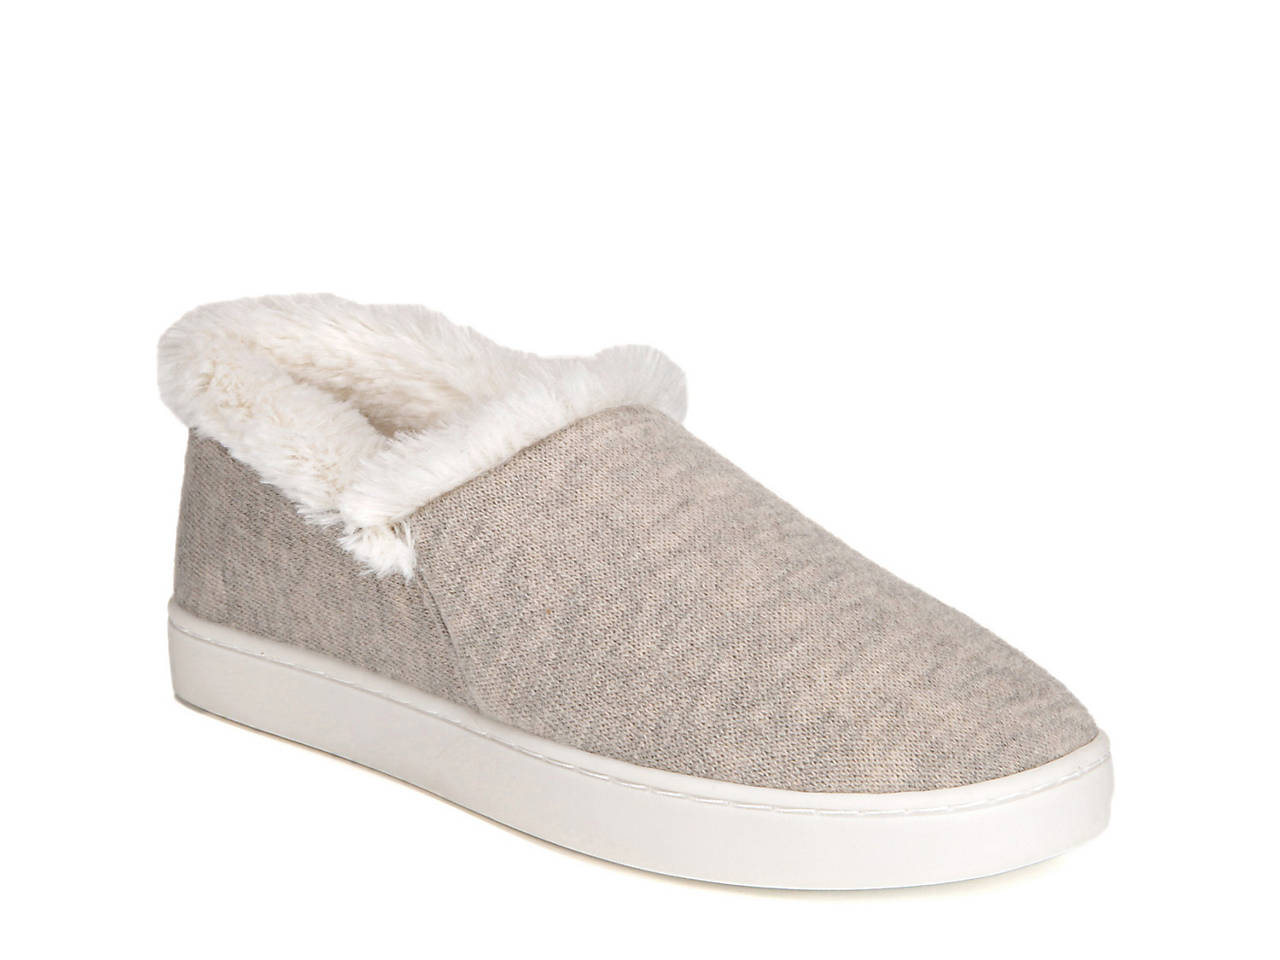 825e320917c Dr. Scholl s Cozy Madison Slipper Women s Shoes